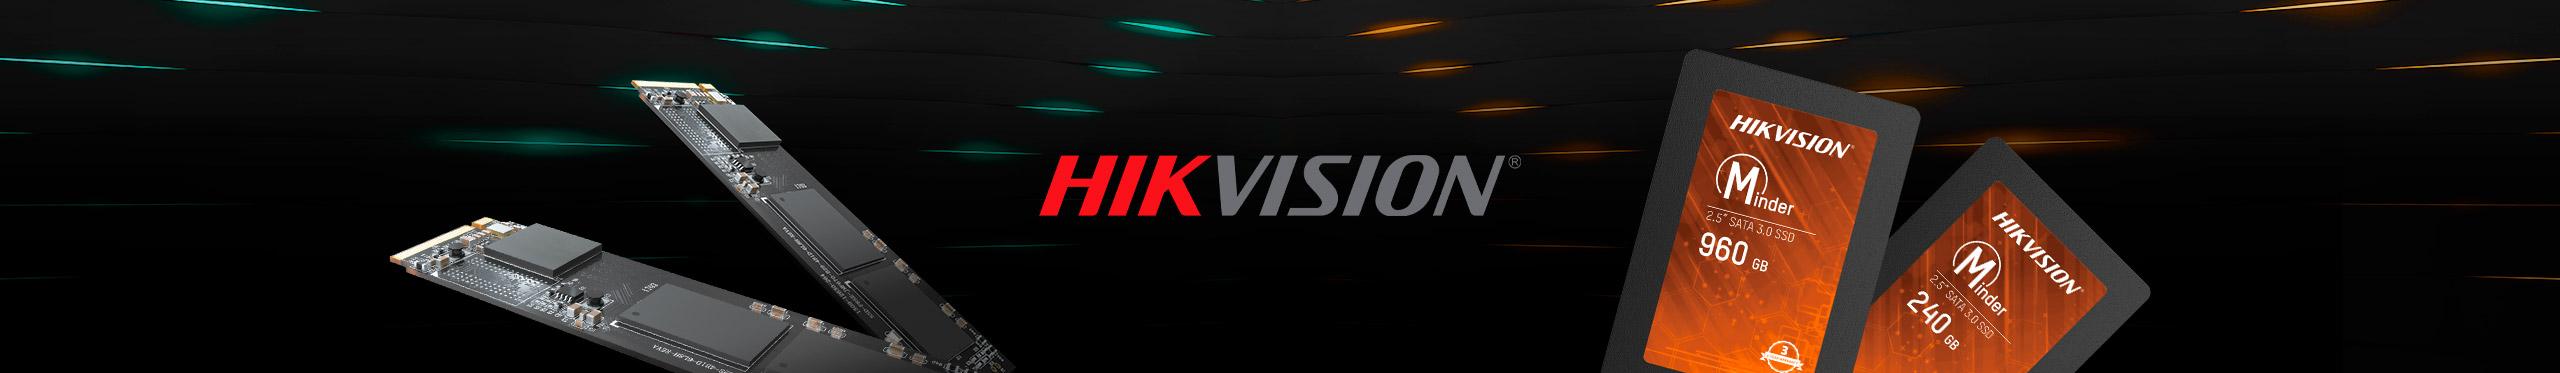 Os SSDs Hikvision são ideais para acelerar a inicialização e o desempenho da sua máquina.